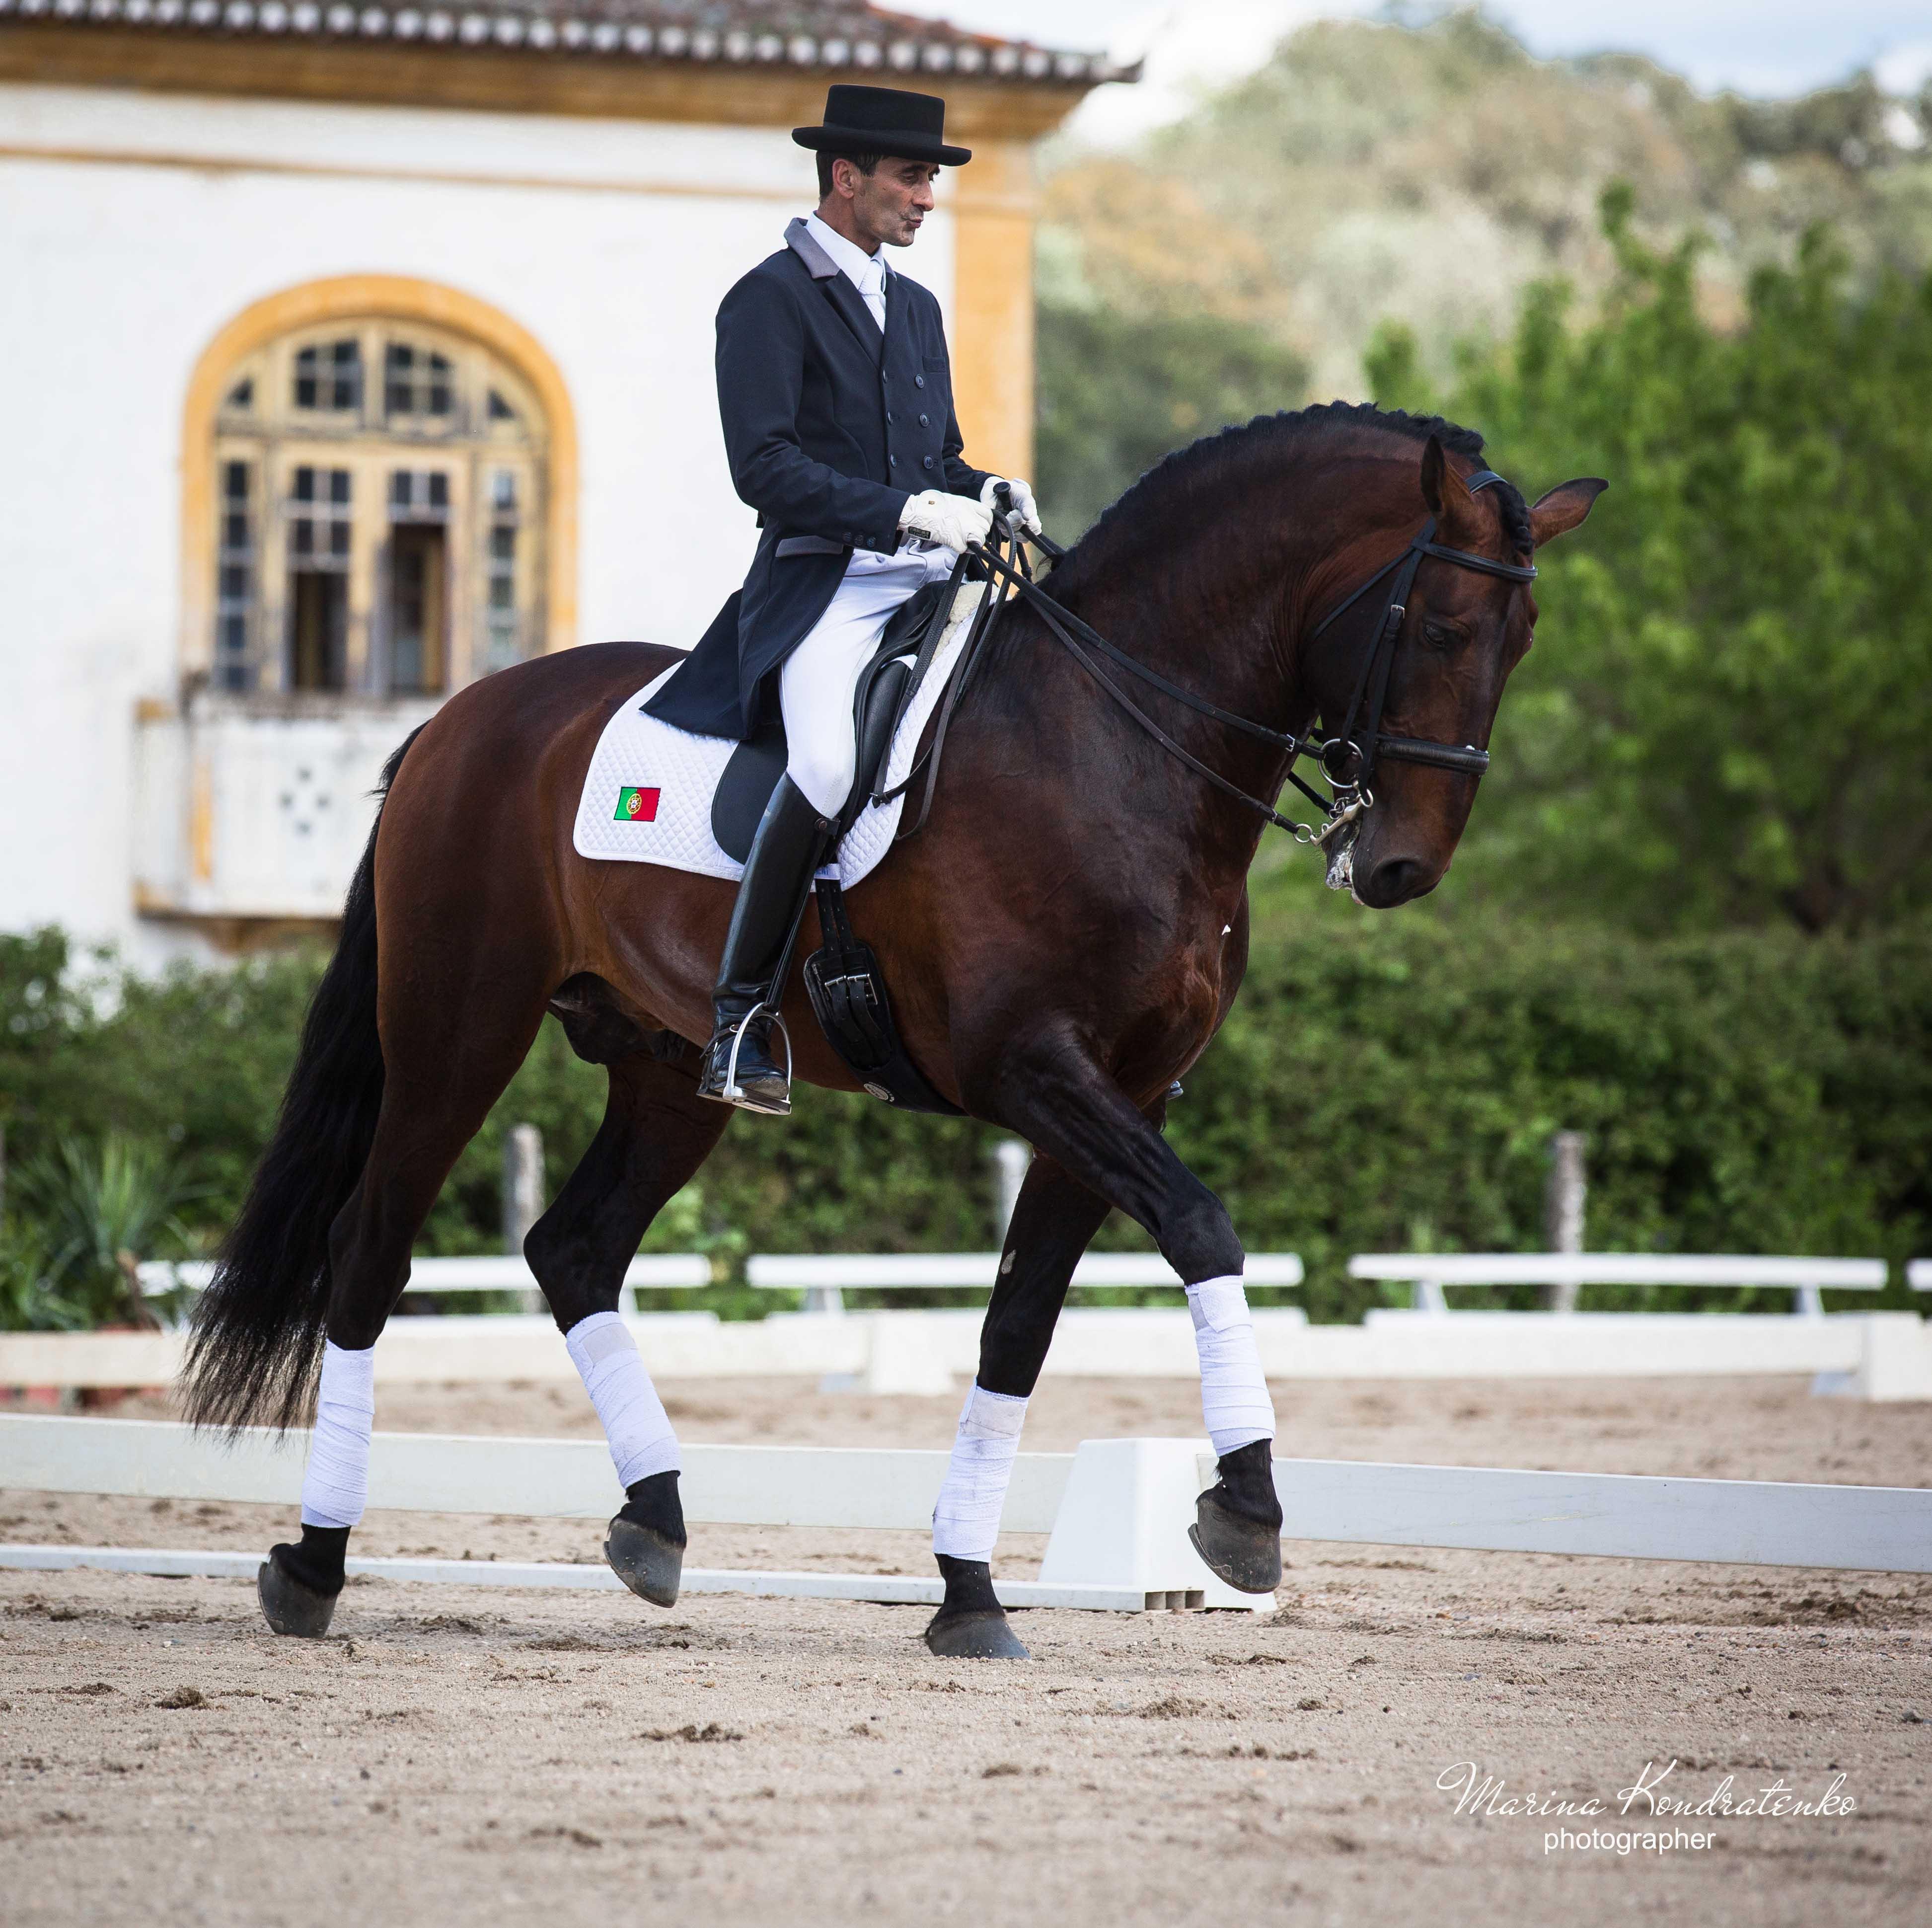 как фотографировать конный спорт старались, отрастить получится